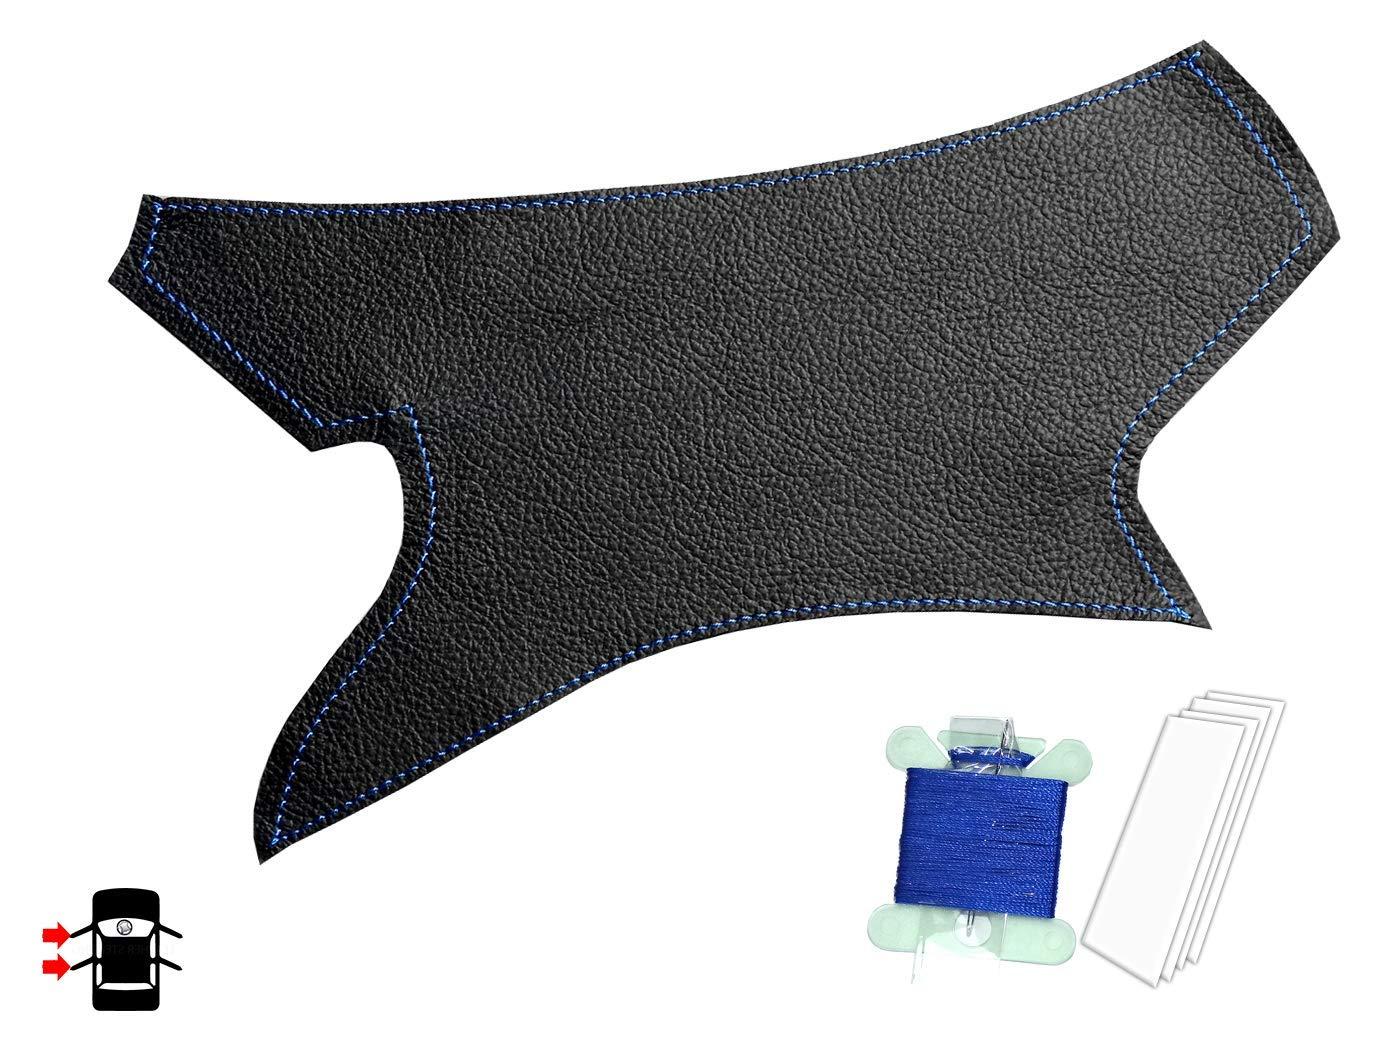 RECHTS Wei/ßer Stich Hellgrauer Lederersatz mit Innengriff f/ür 3er E90 E91 E92 E93 /& M3 vorne oder hinten passend